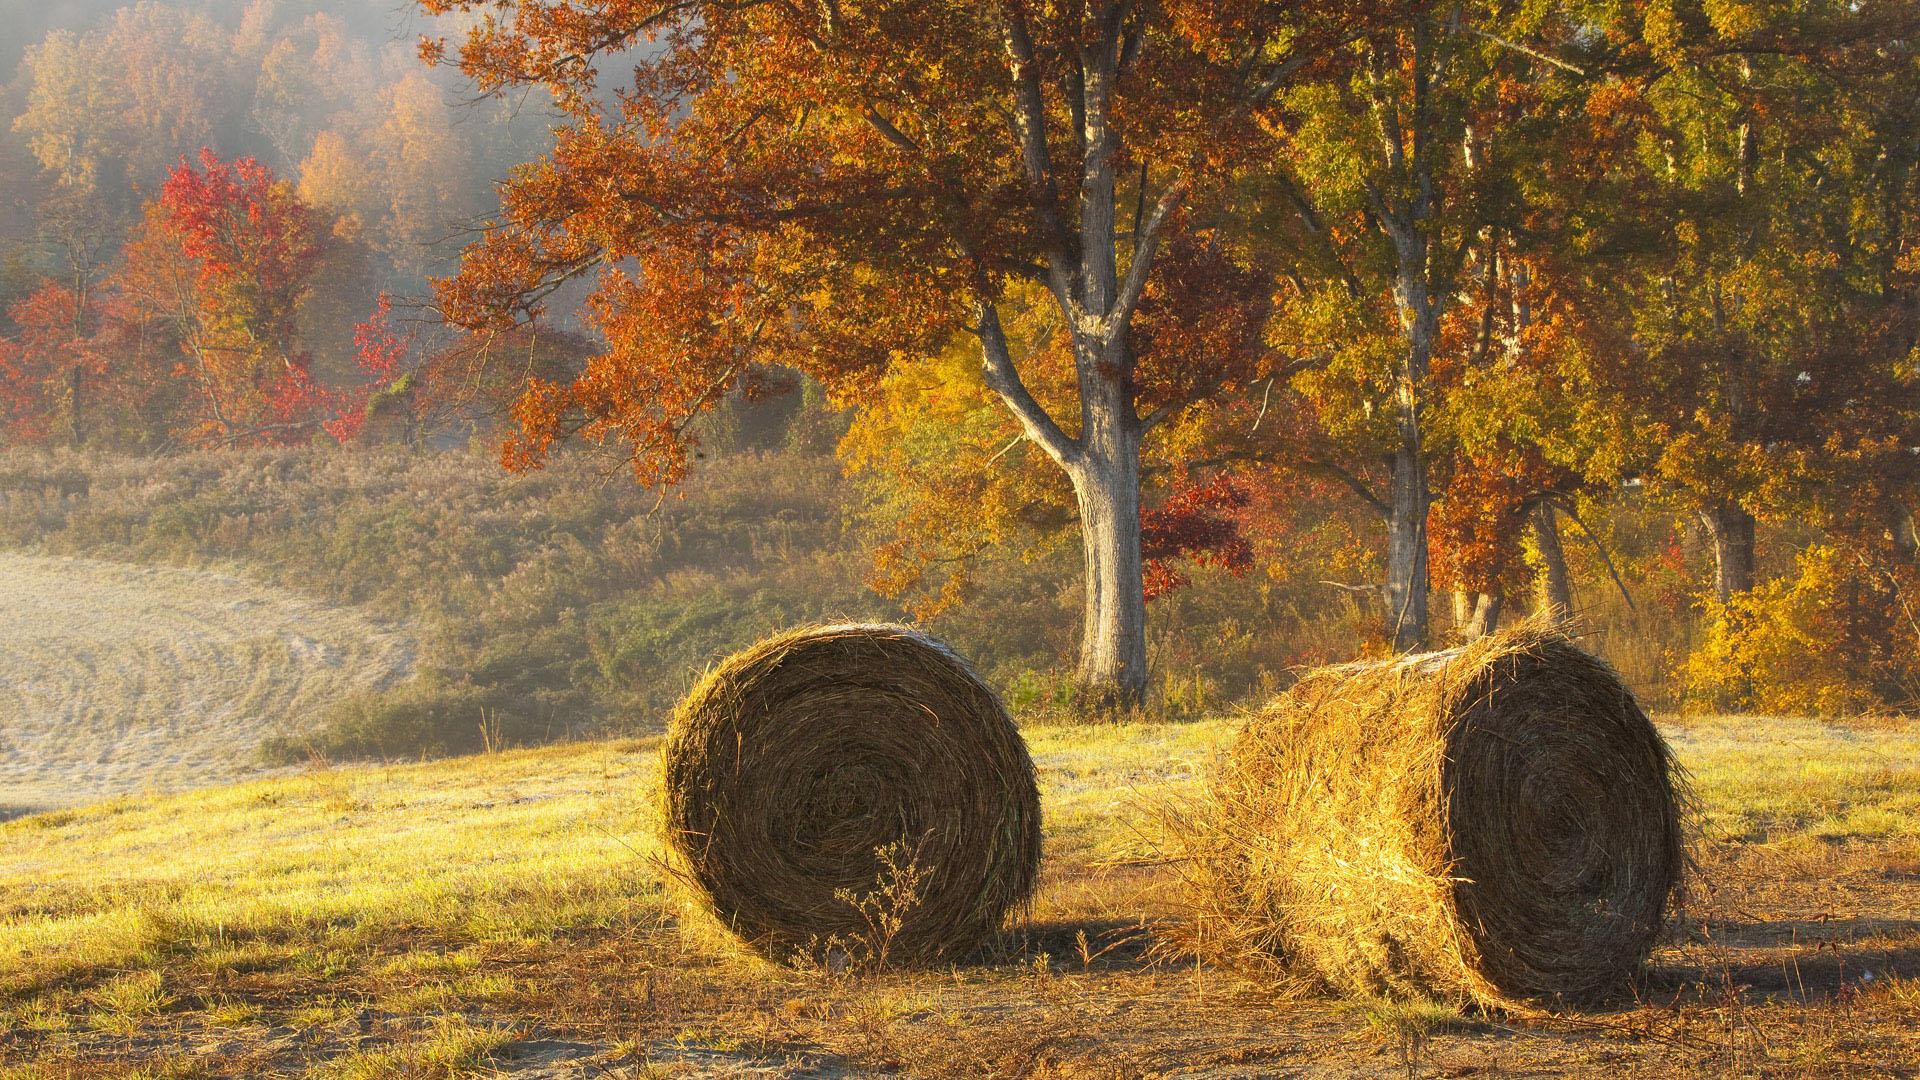 Beautiful Hay Bails In Field wallpaper